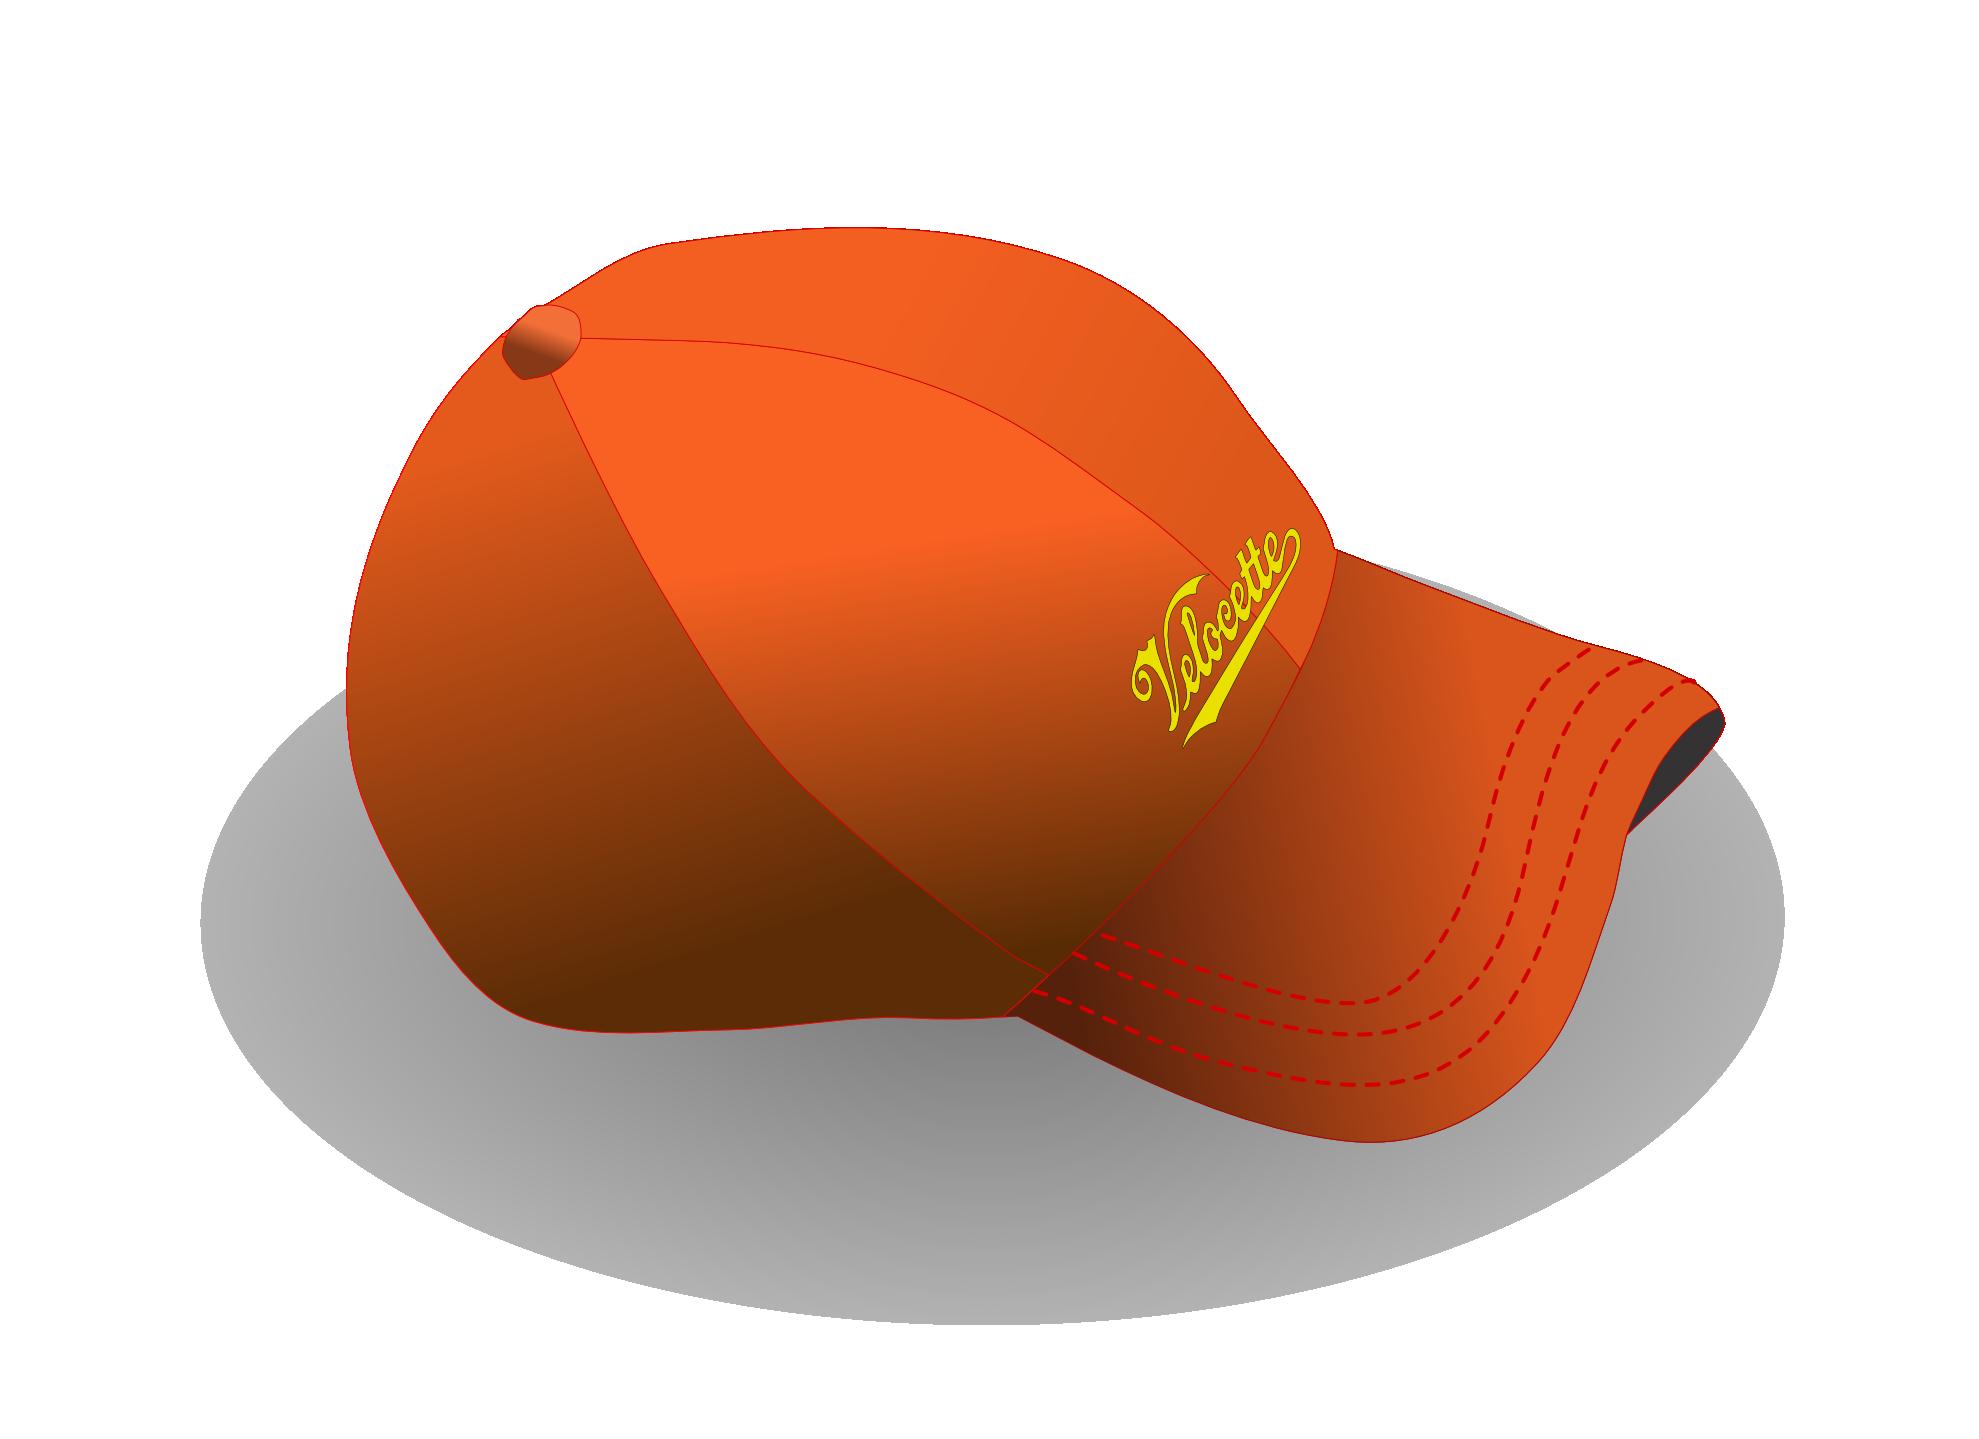 бейсбольная кепка PNG фото